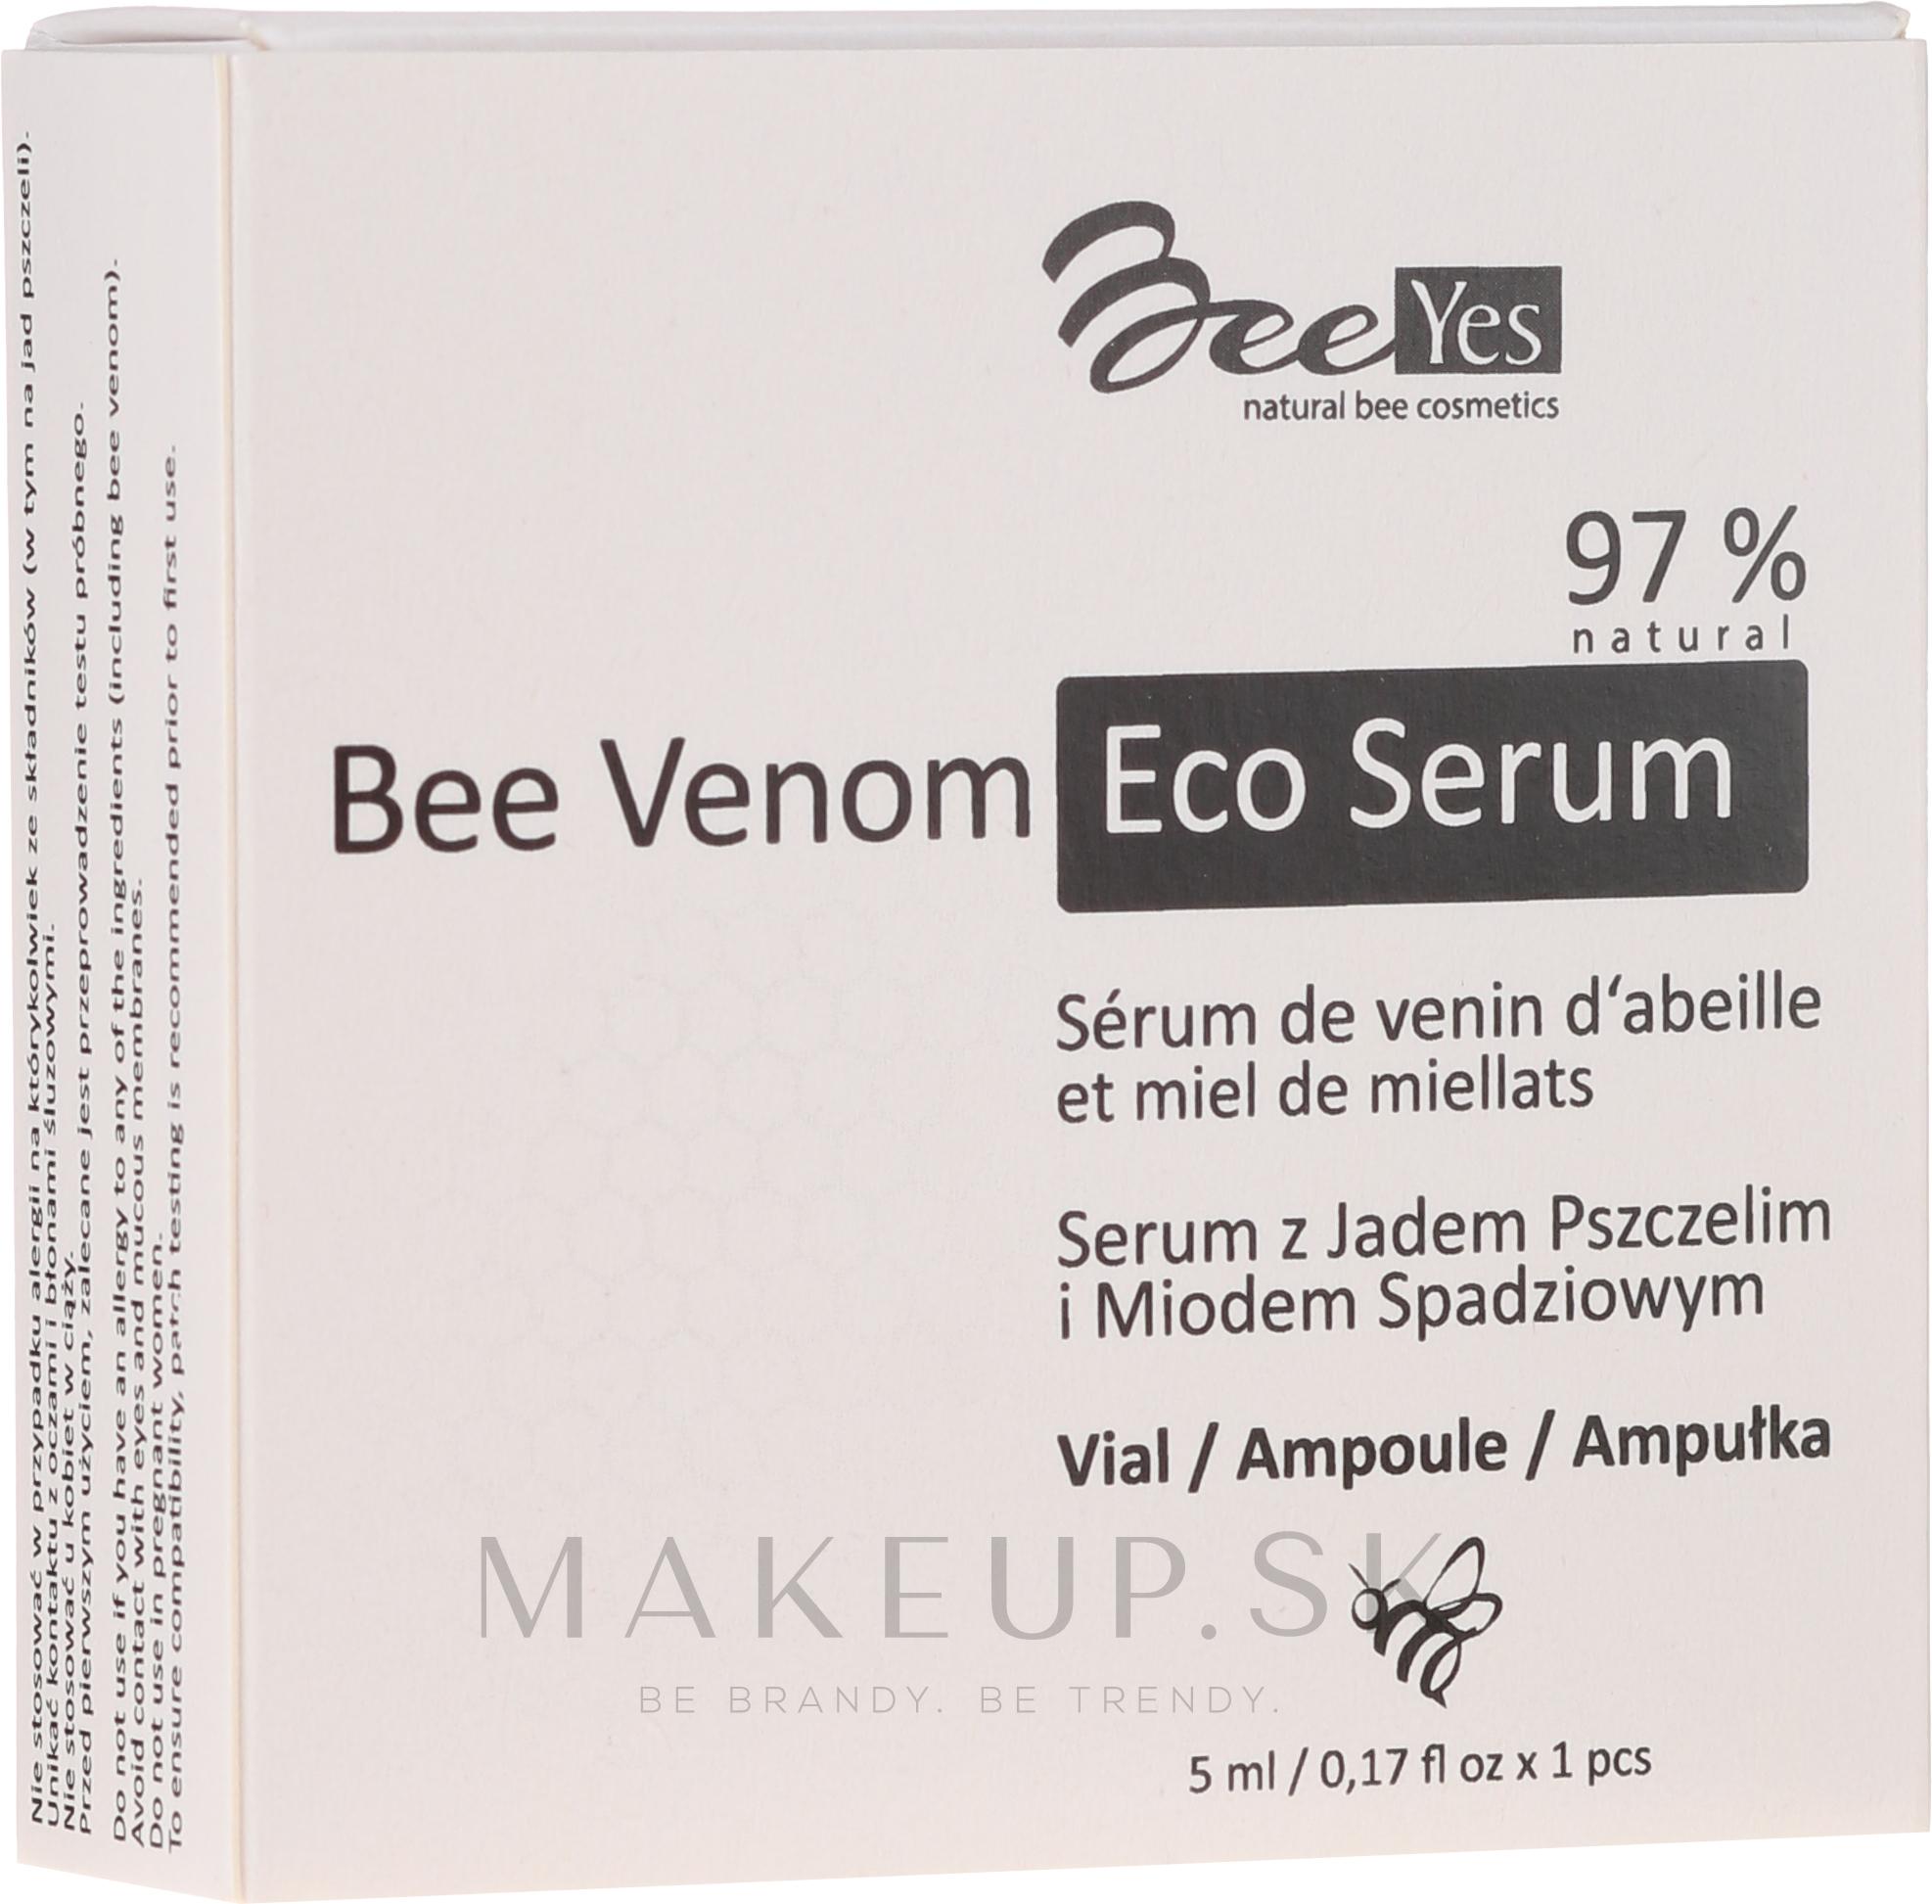 Protistarnúce hydratačné sérum na tvár - BeeYes Bee Venom Eco Serum — Obrázky 1 x 5 ml